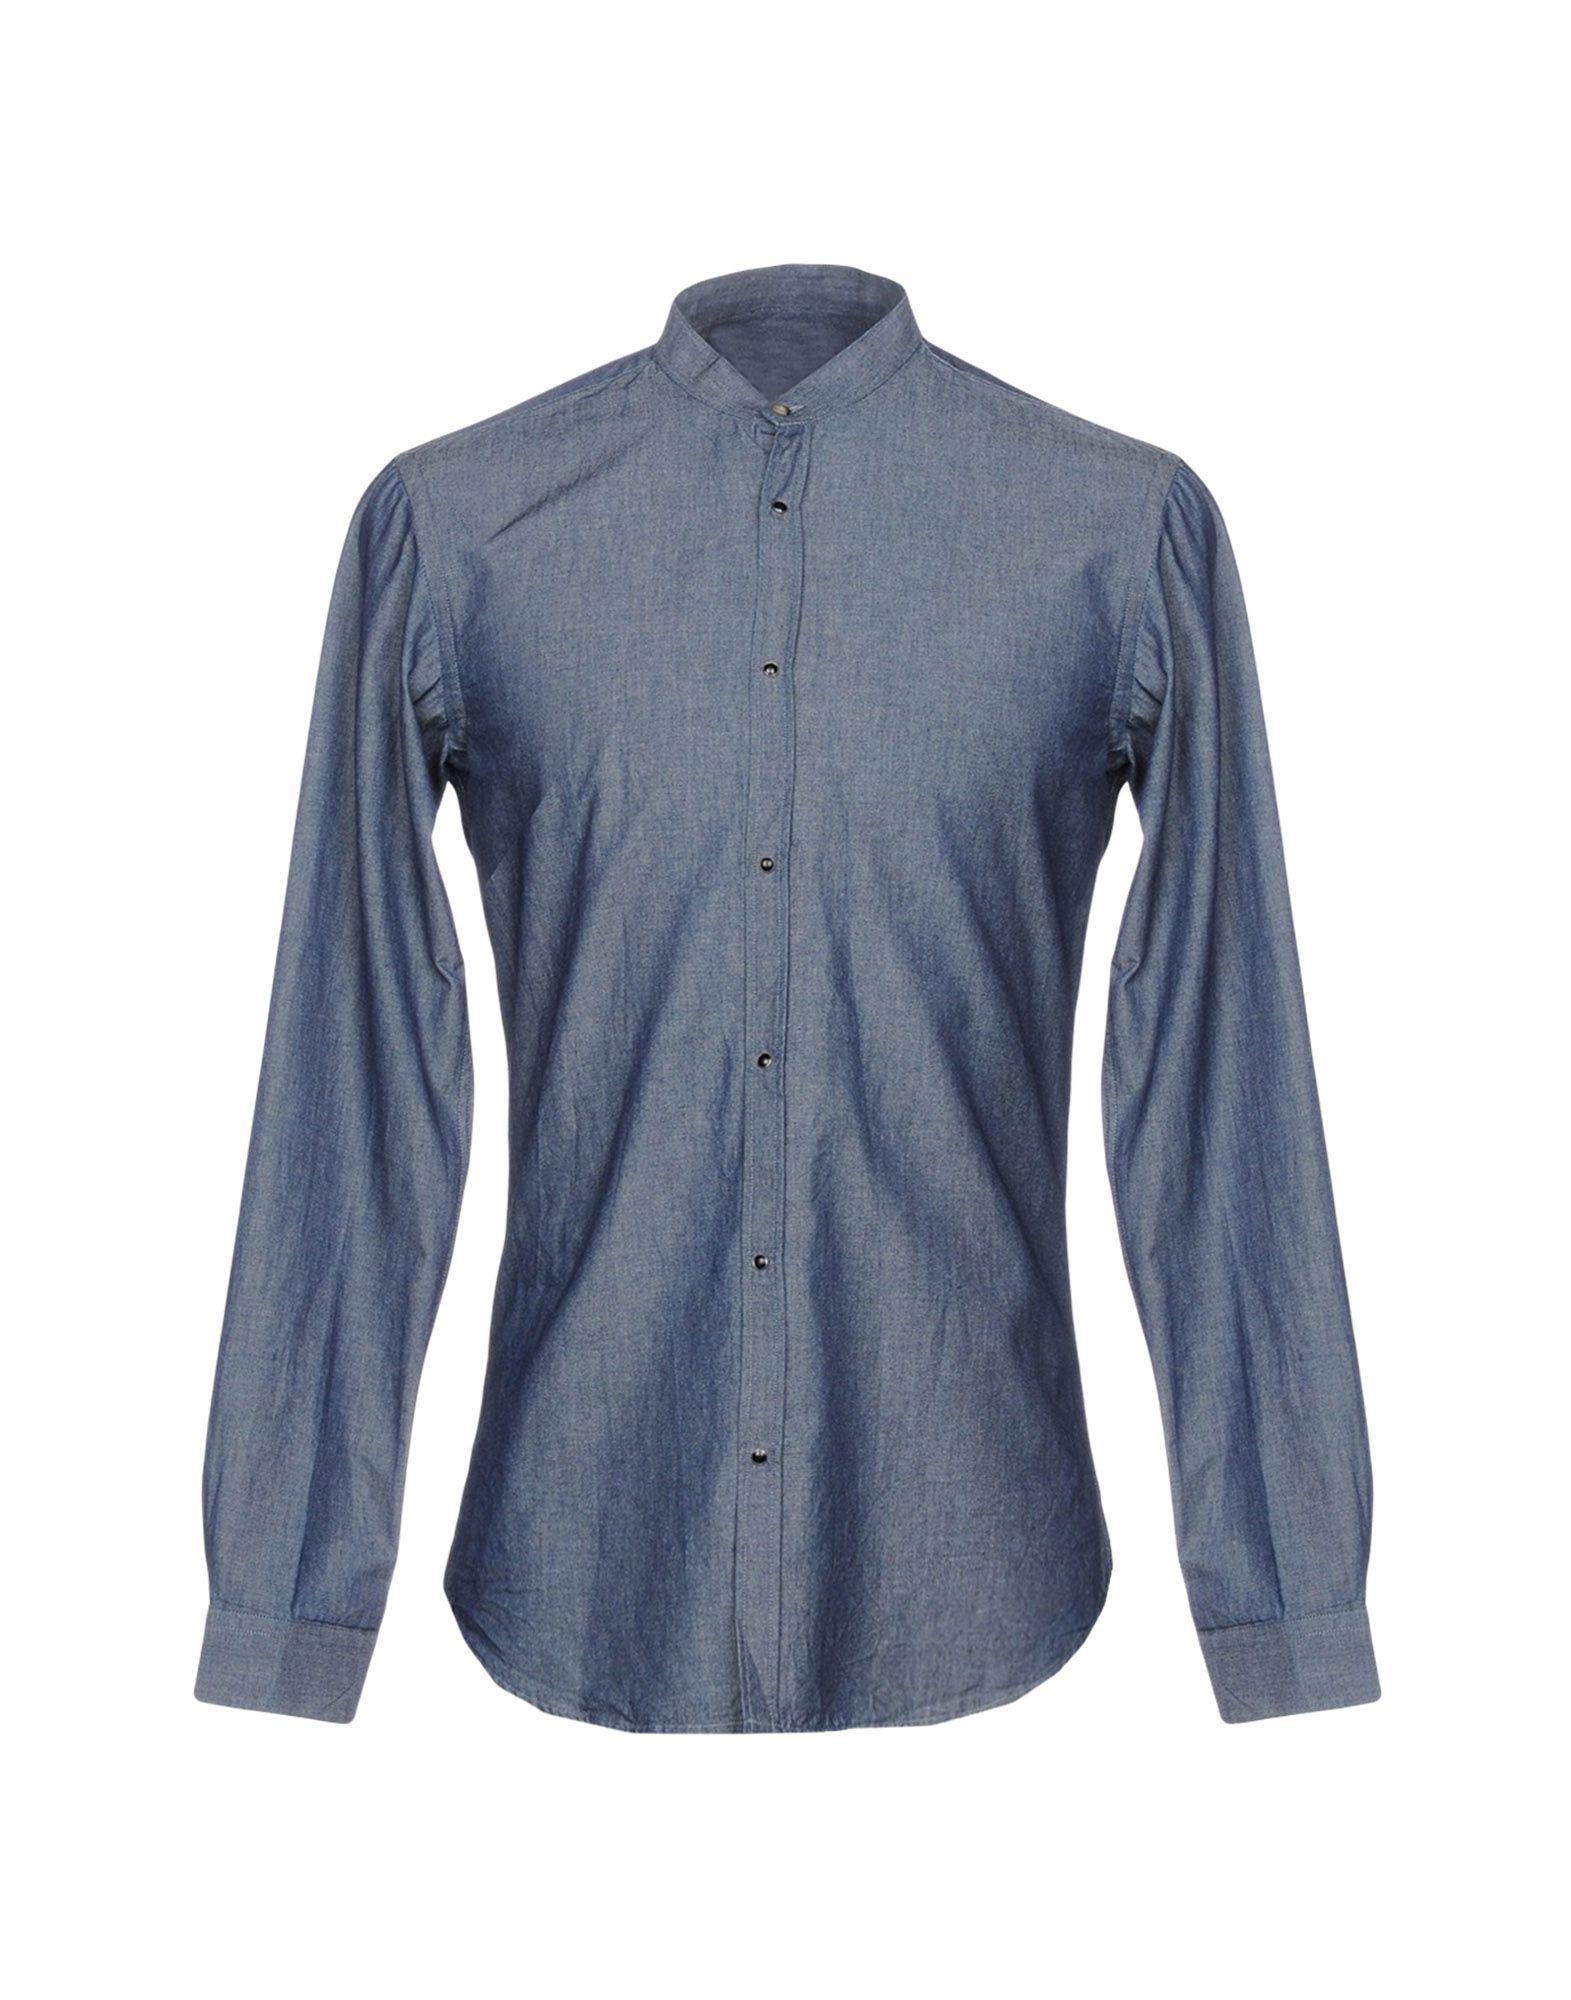 《送料無料》,BEAUCOUP メンズ デニムシャツ ブルー XL 100% コットン